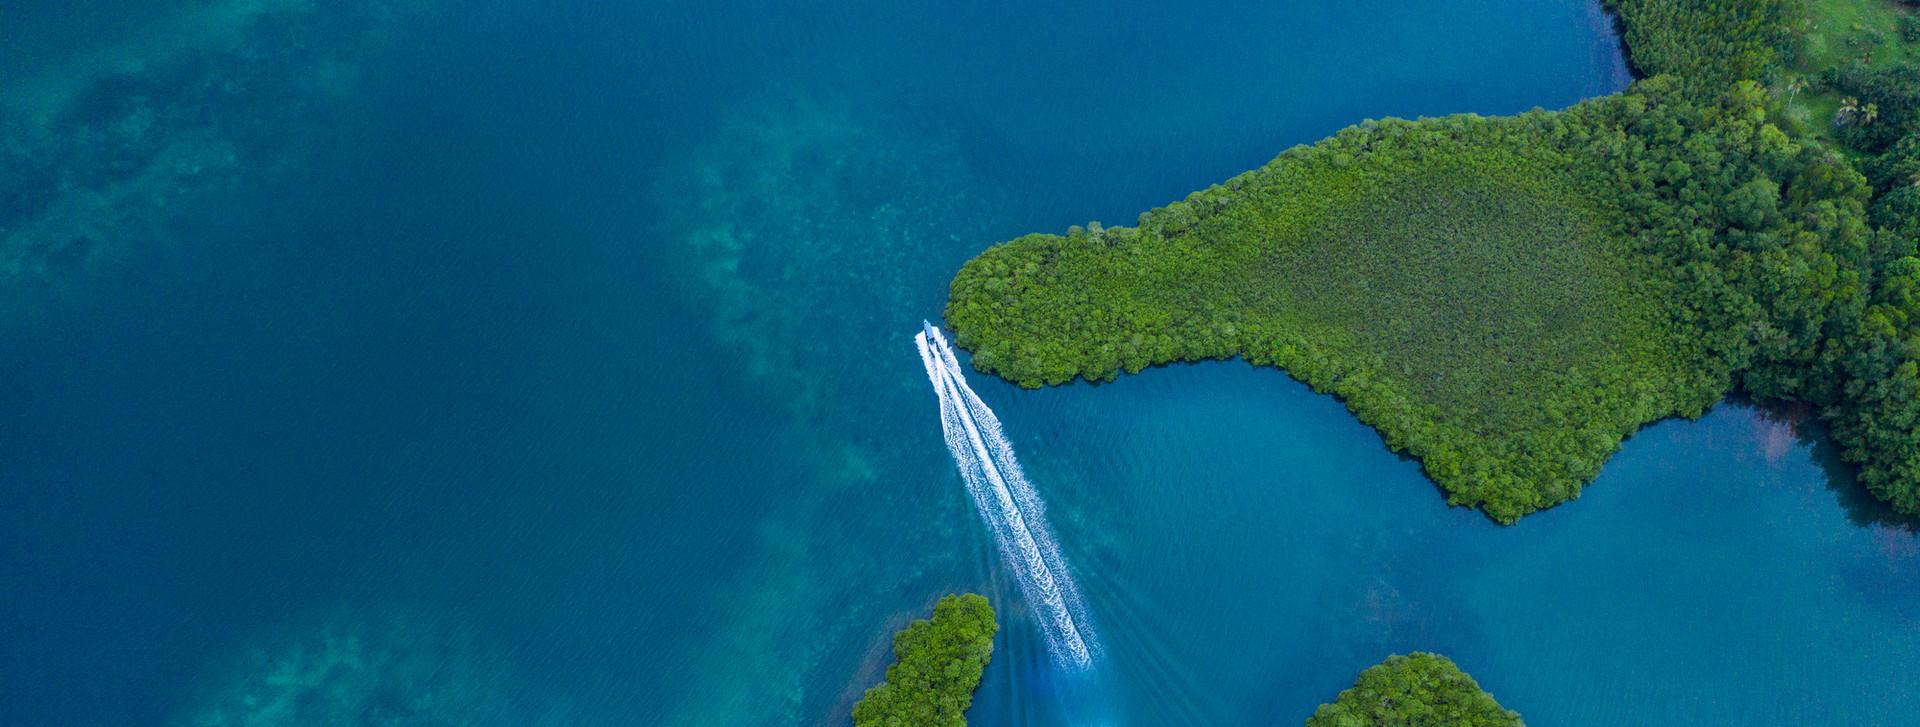 Boat by Drone 2-1.jpg